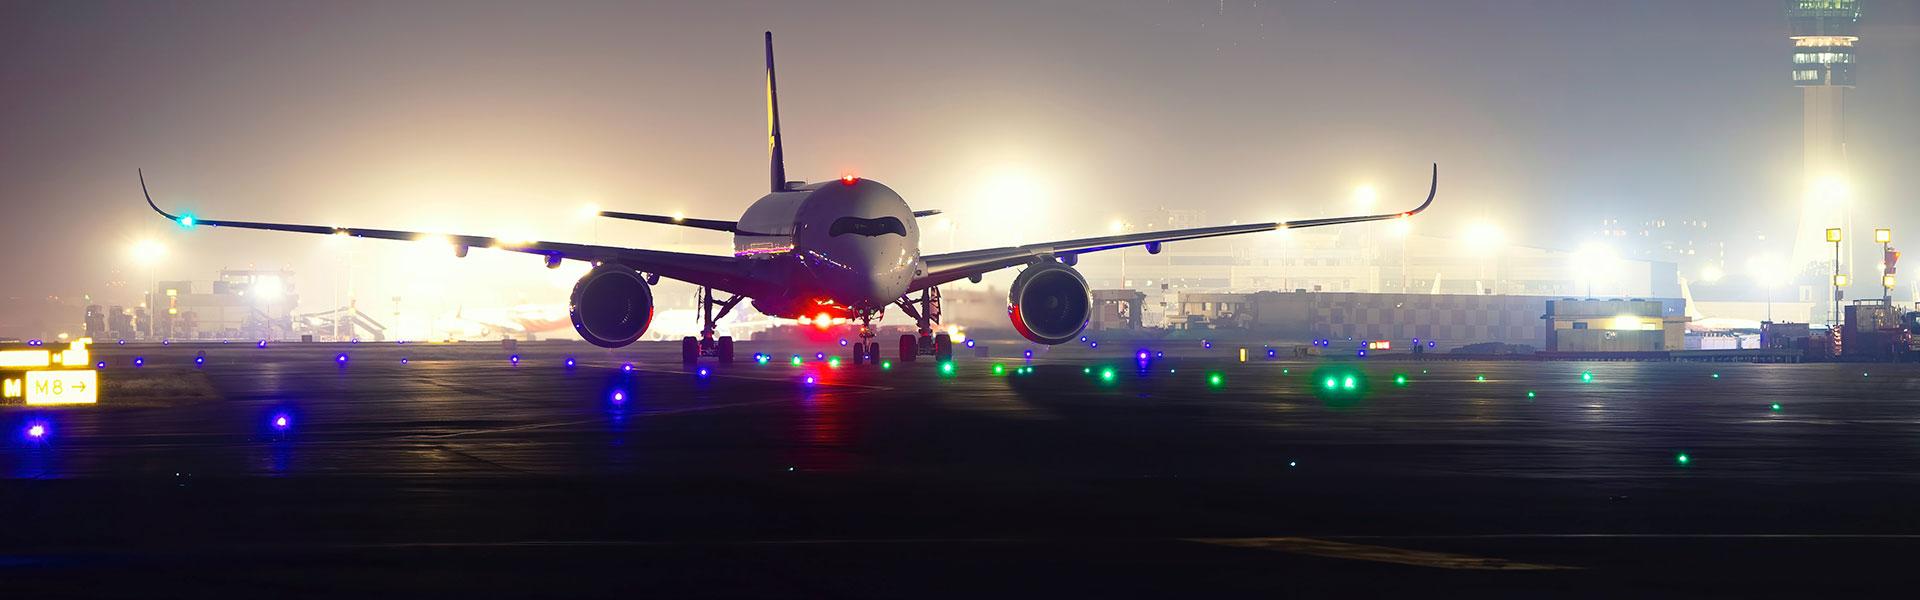 Por que os voos de longa distância ocorrem a noite?